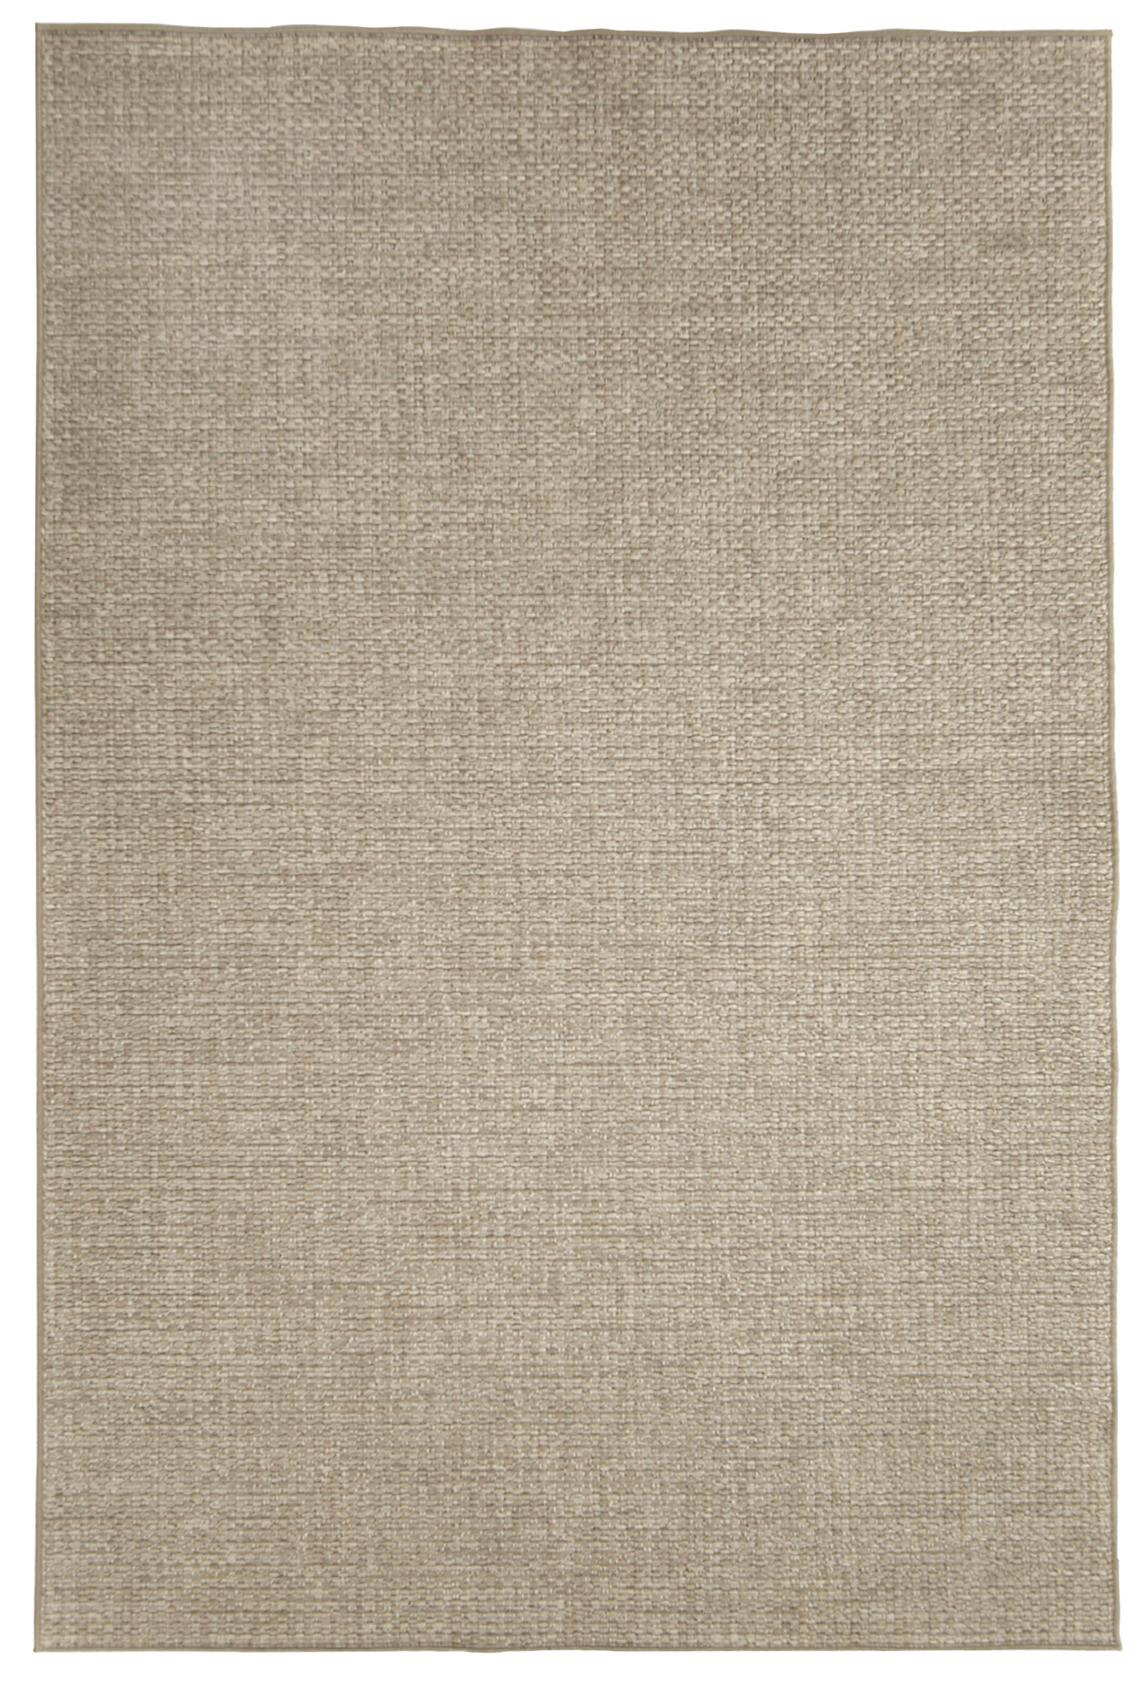 Honka matto 155 x 230 cm, pellava